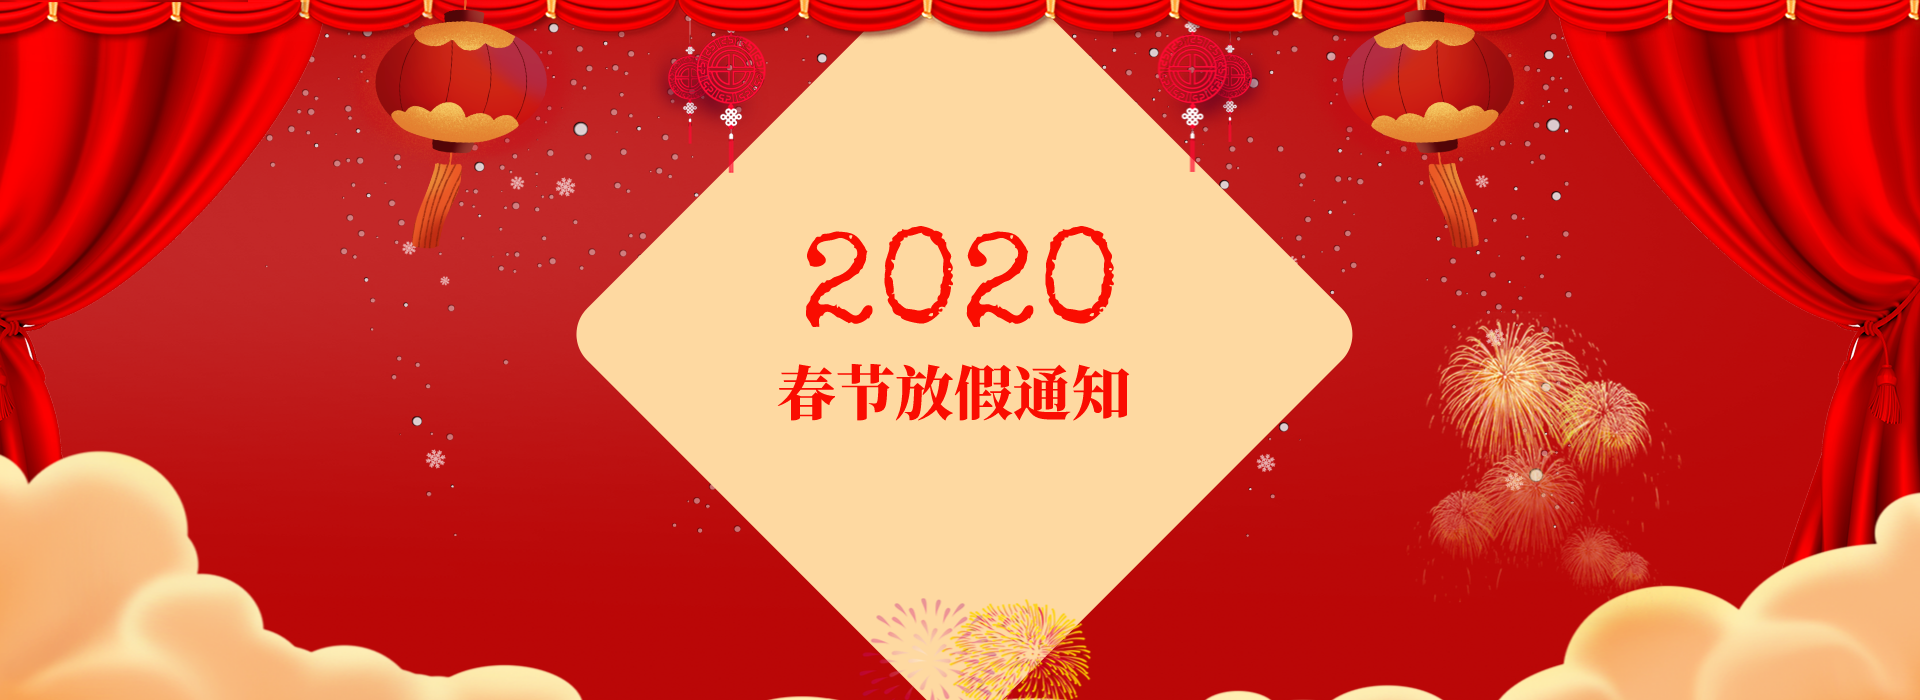 得一会展 | 2020年春节假期通知